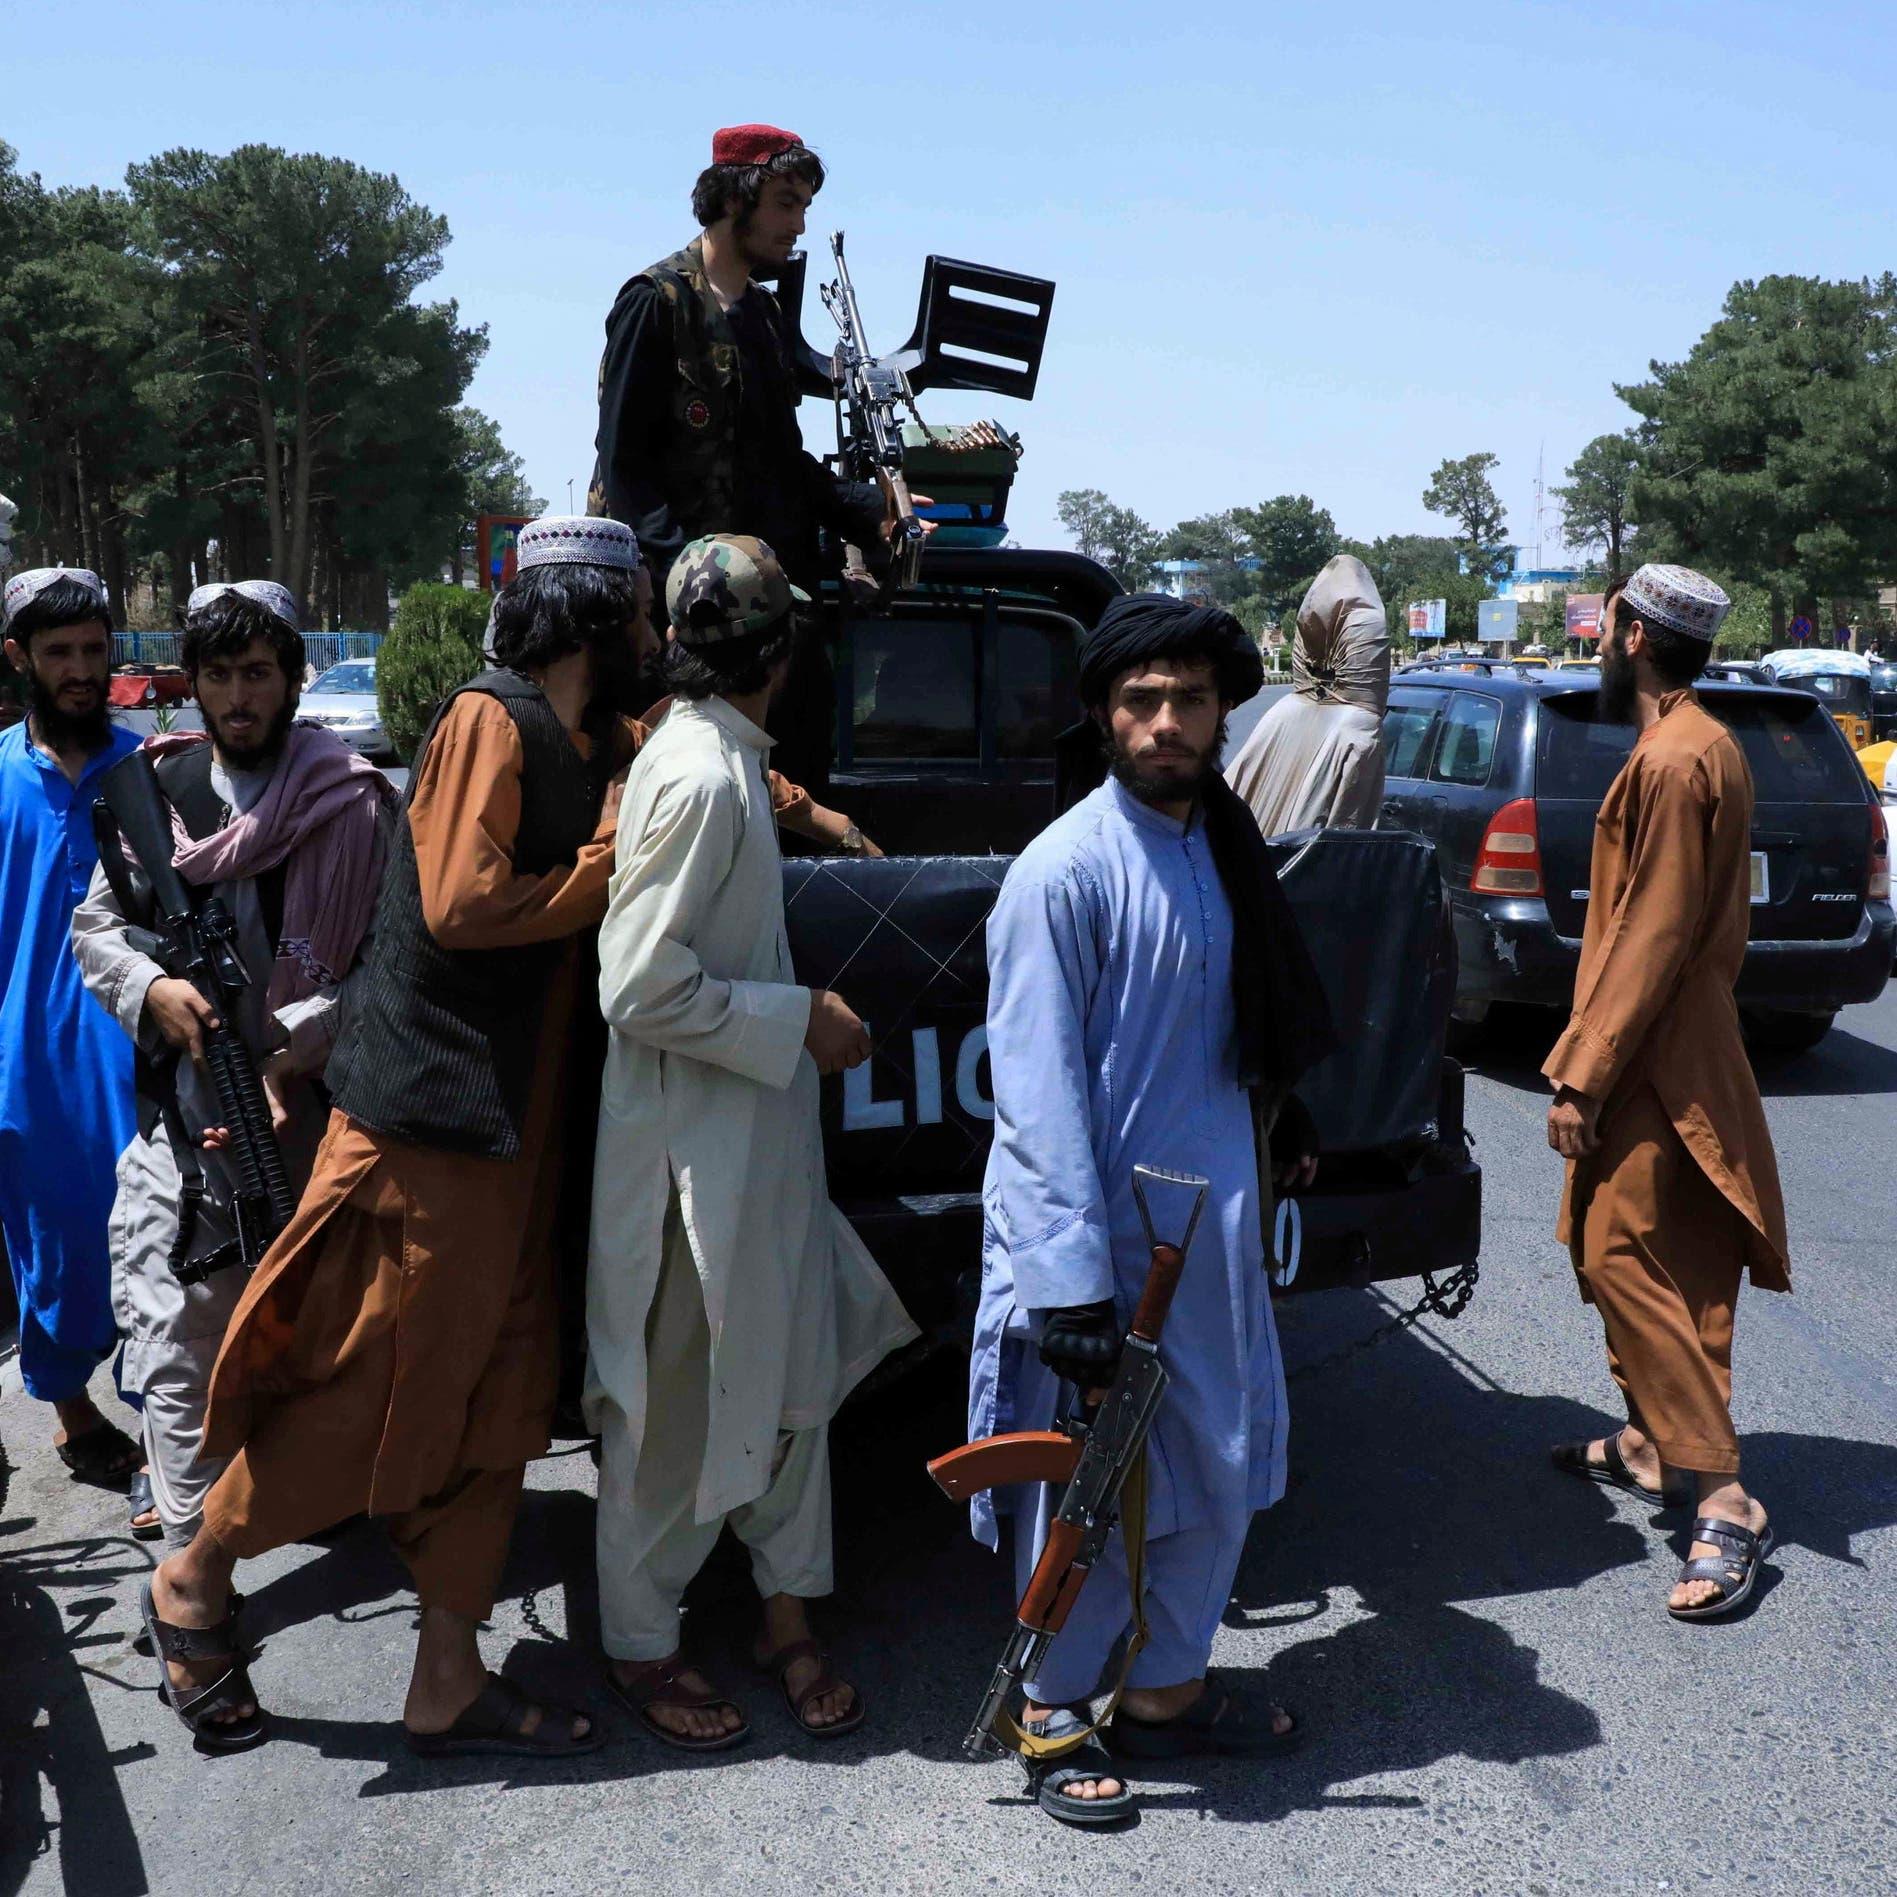 نصف مليار دولار من أموال صندوق النقد قد يقع في قبضة طالبان قريباً